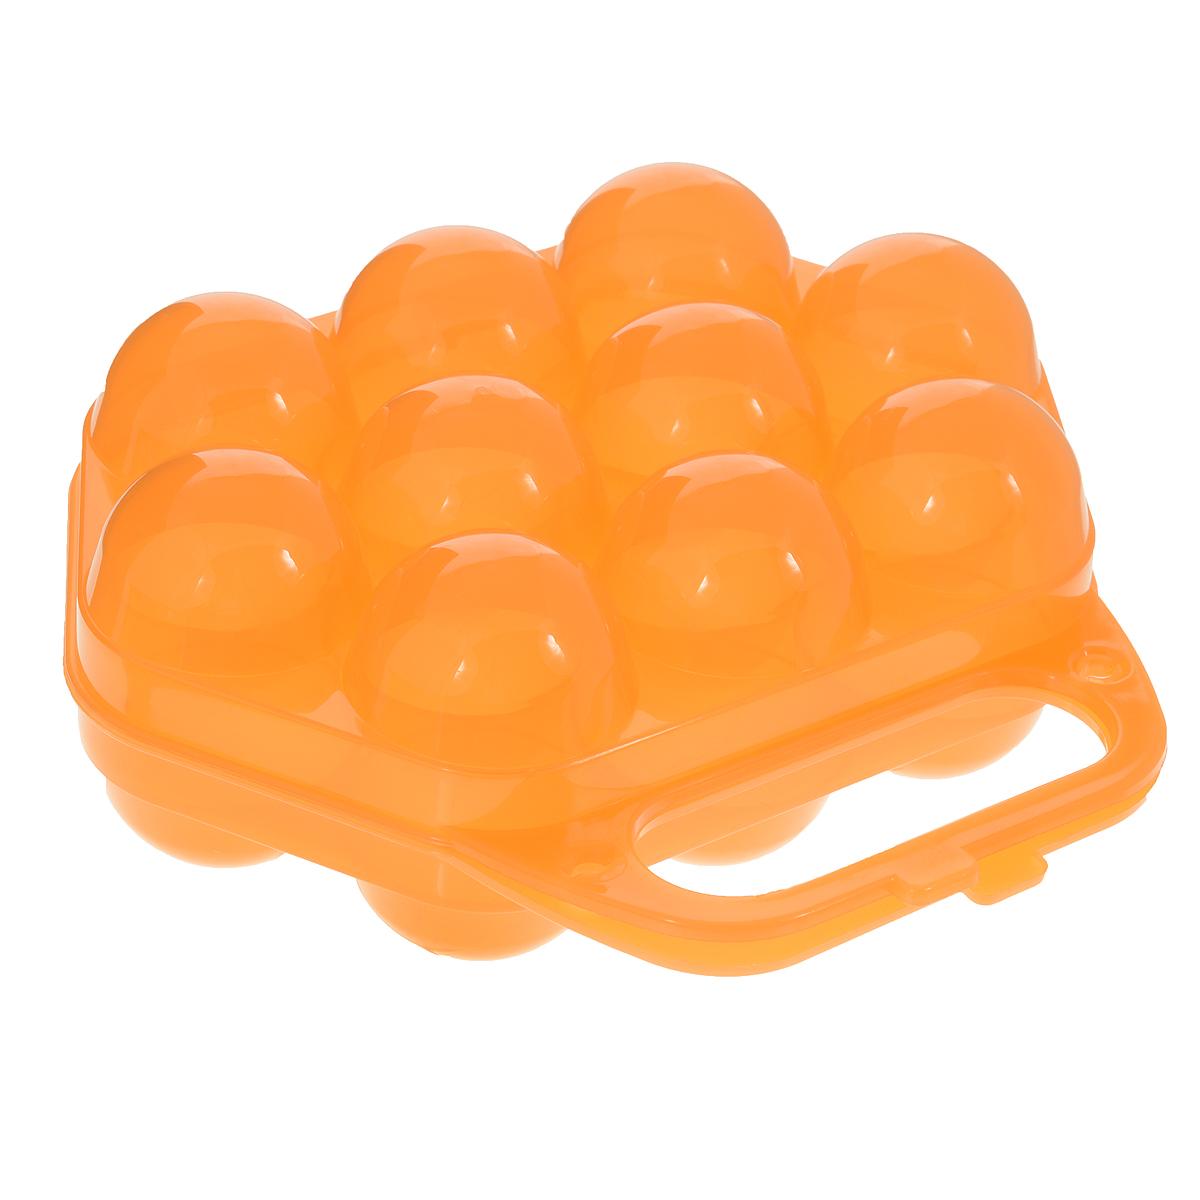 Контейнер для яиц Idea, на 10 шт, цвет: прозрачный оранжевый, 20 х 19 х 7,5 смМ 1210Контейнер Idea, изготовленный из пищевого пластика, выполнен в виде чемоданчика и снабжен специальными ячейками для 10 яиц. Надежный защелкивающийся замок предотвратит случайное раскрытие контейнера. Изделие не занимает много места, что очень удобно при транспортировке и хранении. Размер контейнера: 20 х 19 х 7,5 см. Диаметр ячейки: 4,3 см.